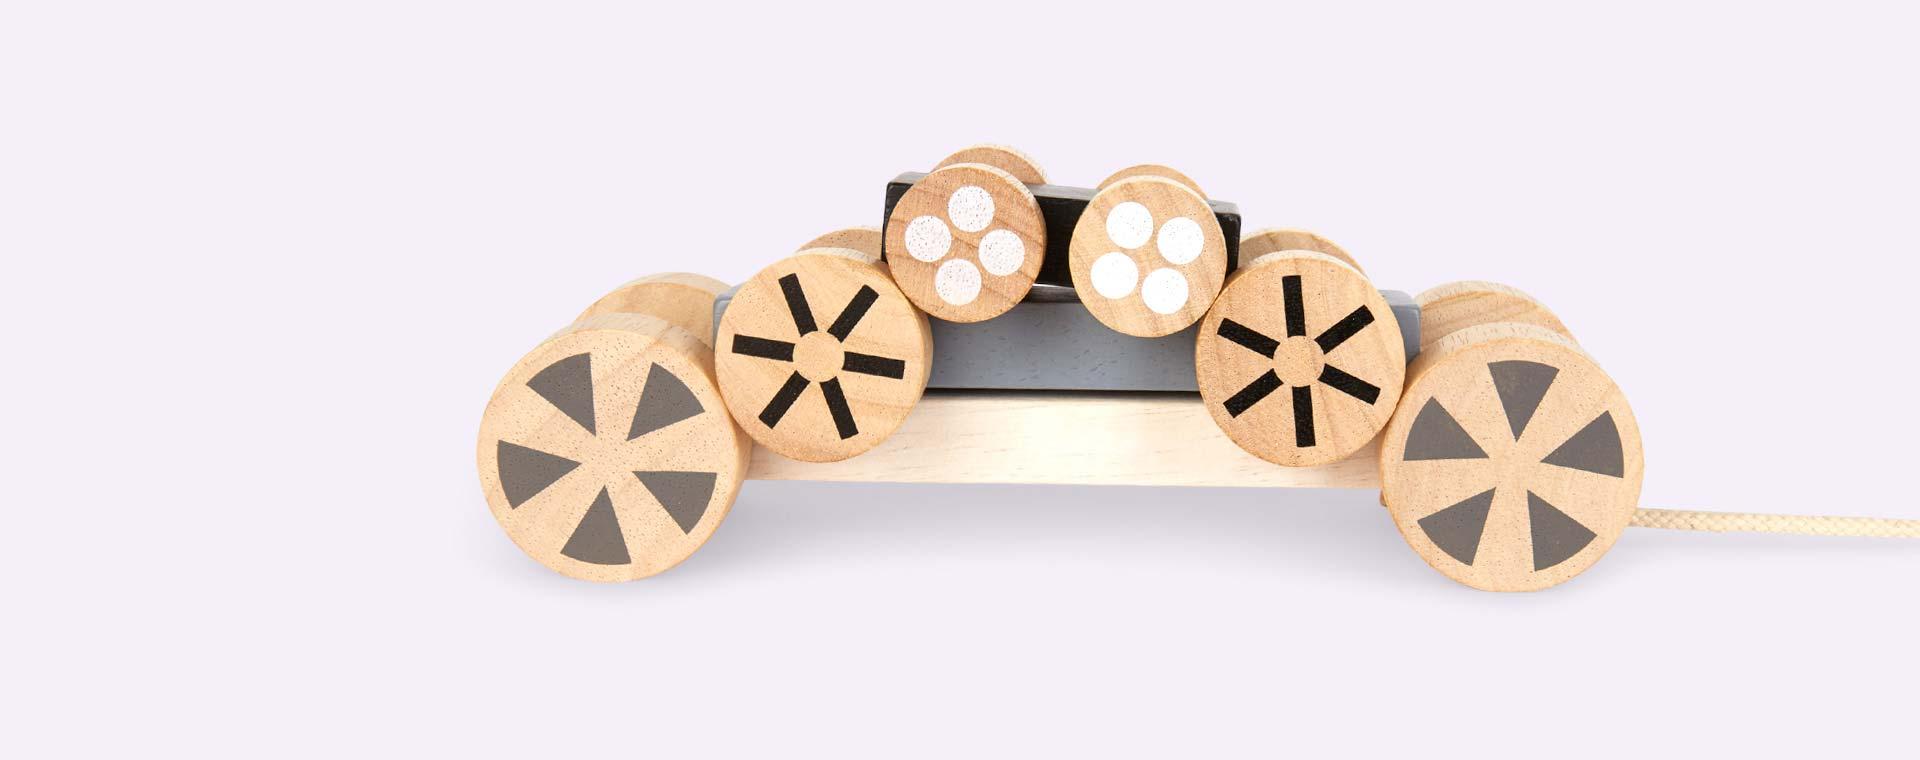 Monochrome Plan Toys Stacking Wheels